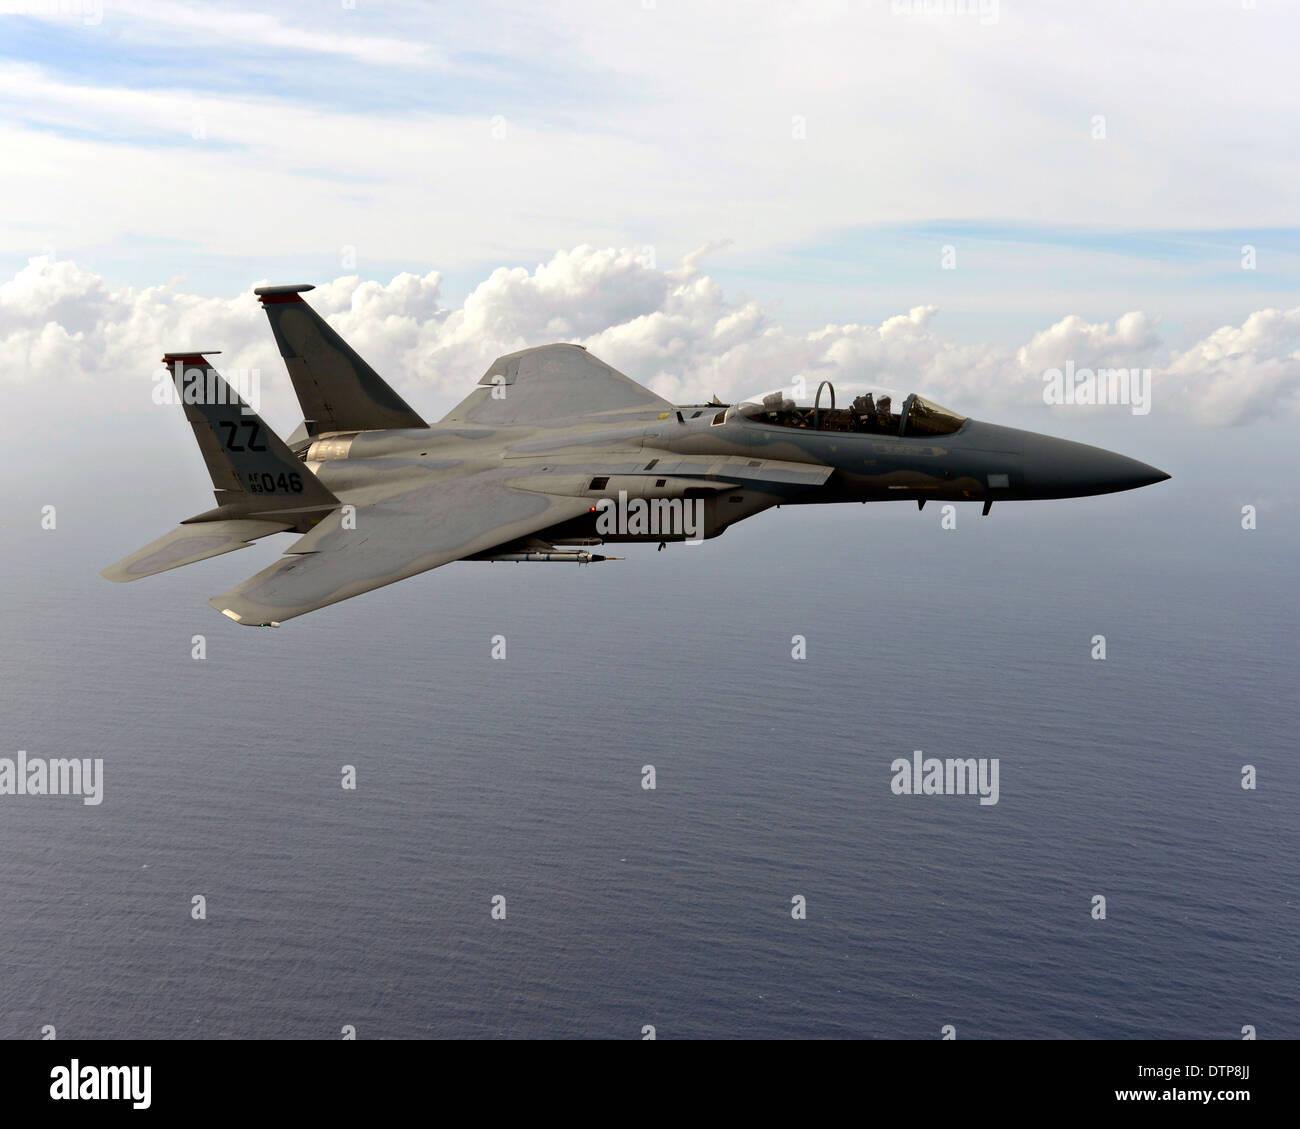 La Fuerza Aérea de EE.UU. Aviones de combate F-15 Eagle vuela sobre el Océano Pacífico en apoyo de la COPE Norte 2014 Febrero 18, 2014 cerca de Guam. Imagen De Stock